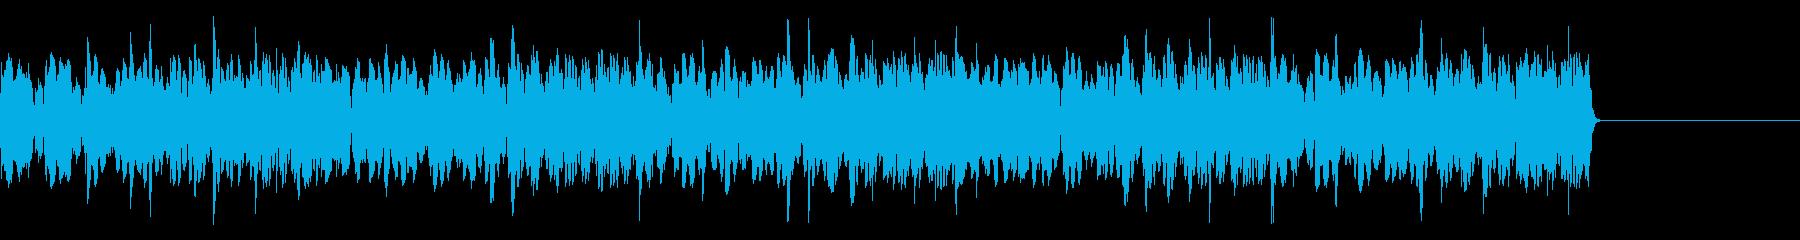 ゲームセンターのクレーンゲームの音 5回の再生済みの波形